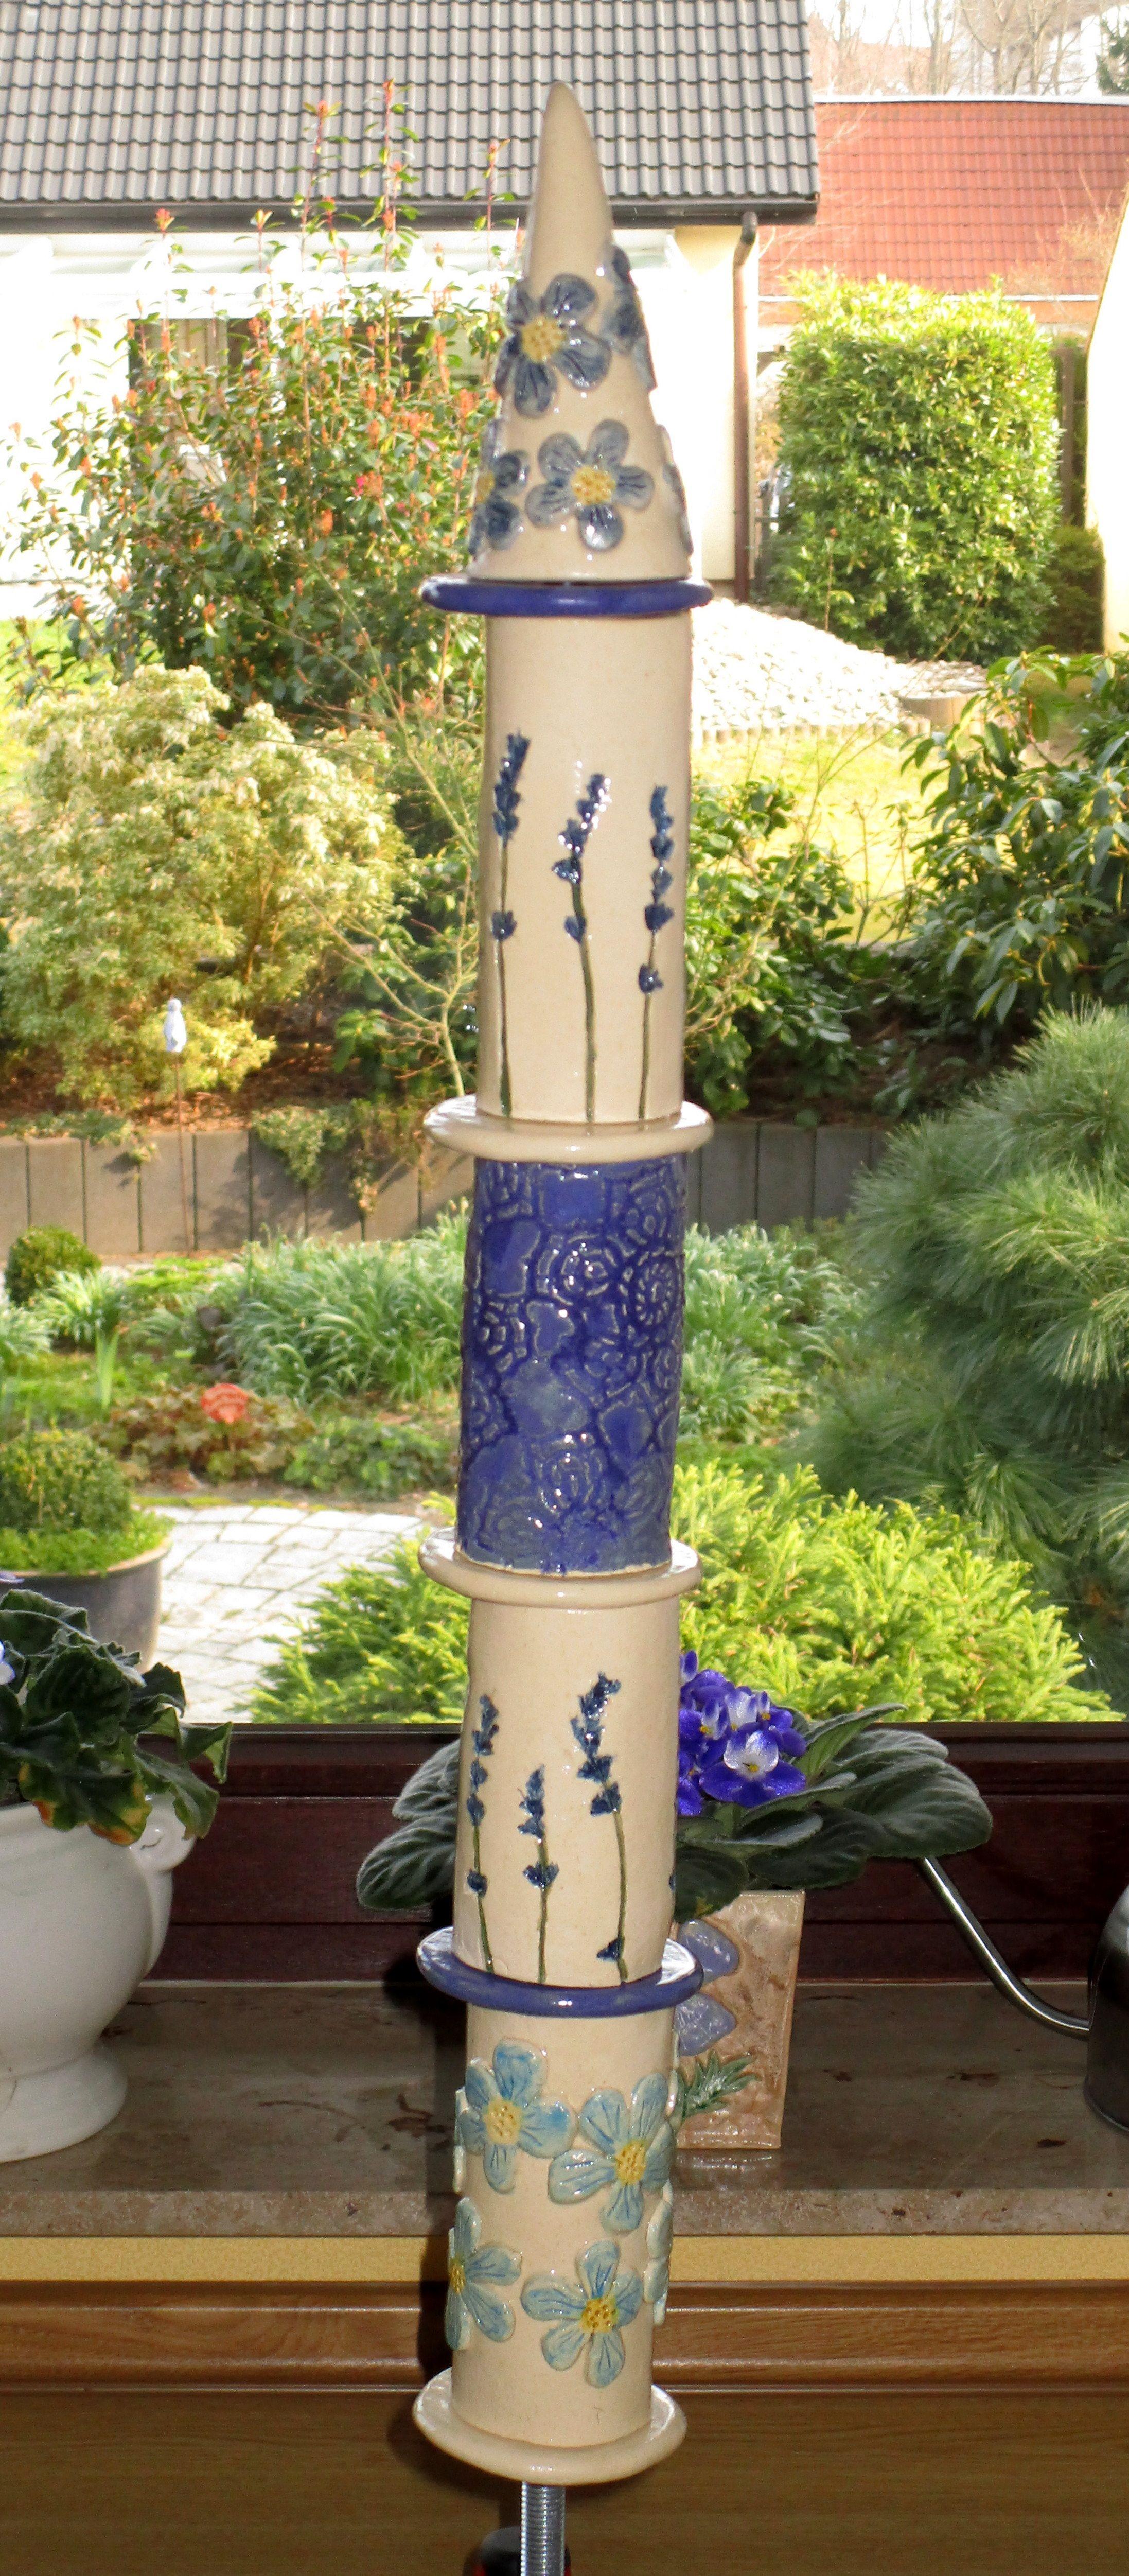 Stele Aus Keramik In Blau Gartenkeramik Keramik Stehlen Garten